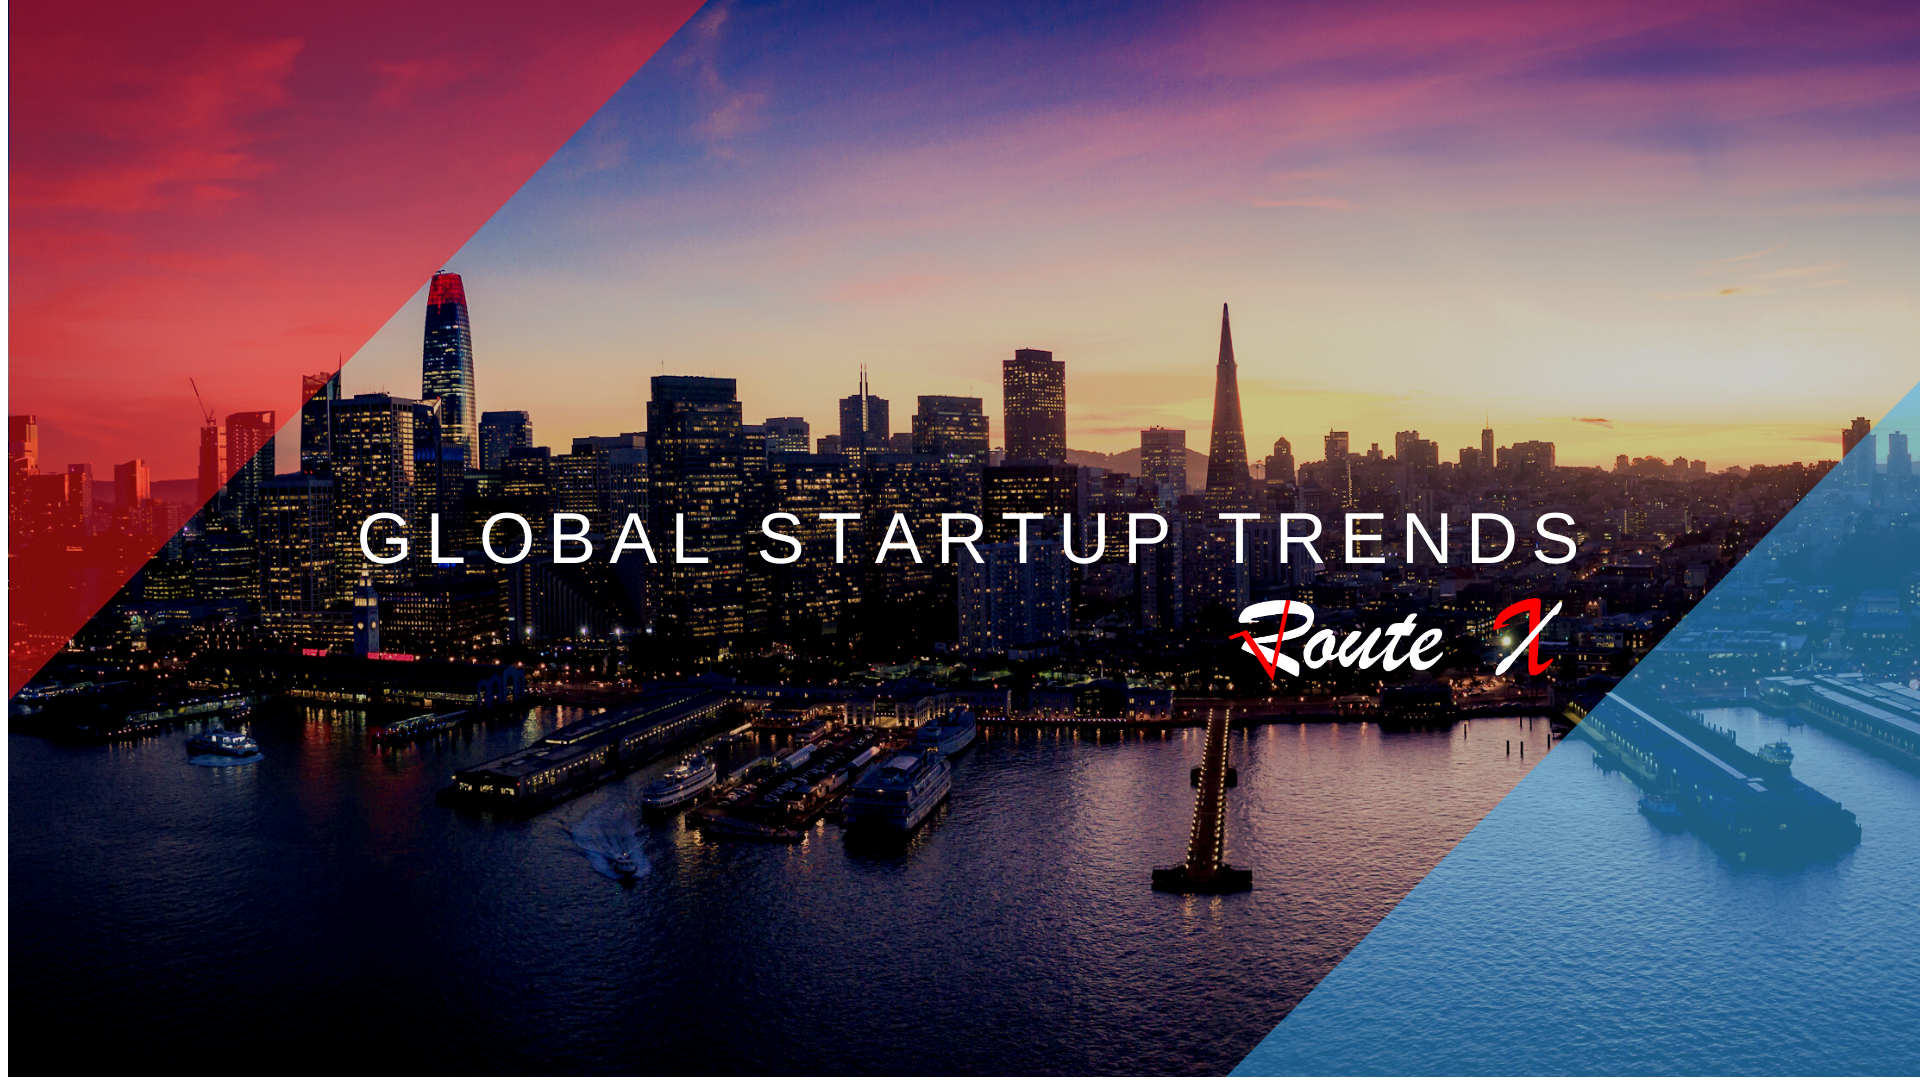 海外スタートアップトレンドから読み解く、成長市場と新規事業の創り方